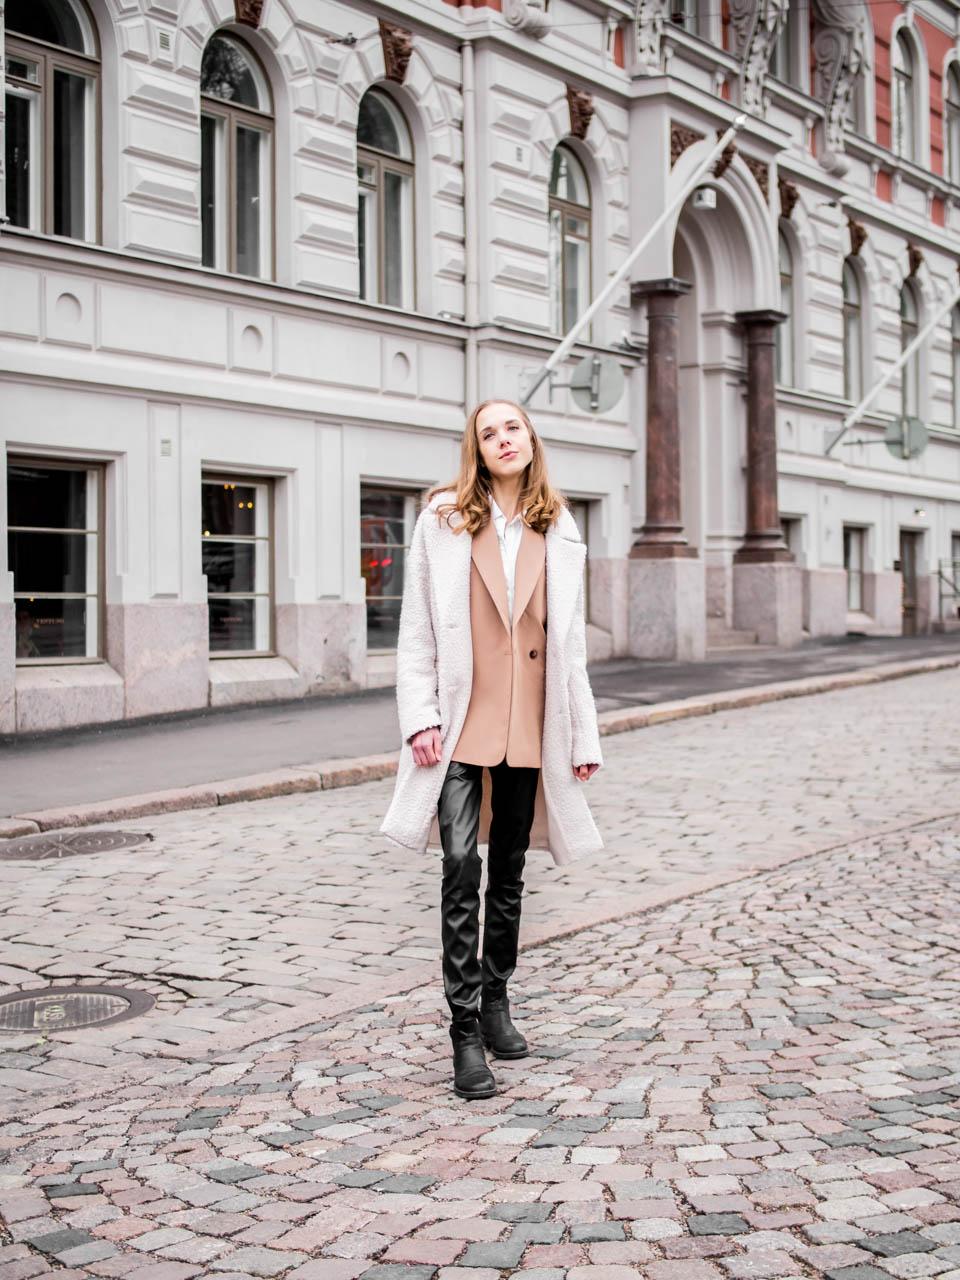 Fashion blogger streetstyle Helsinki, Finland - Muoti, pukeutuminen, bloggaaja, Helsinki